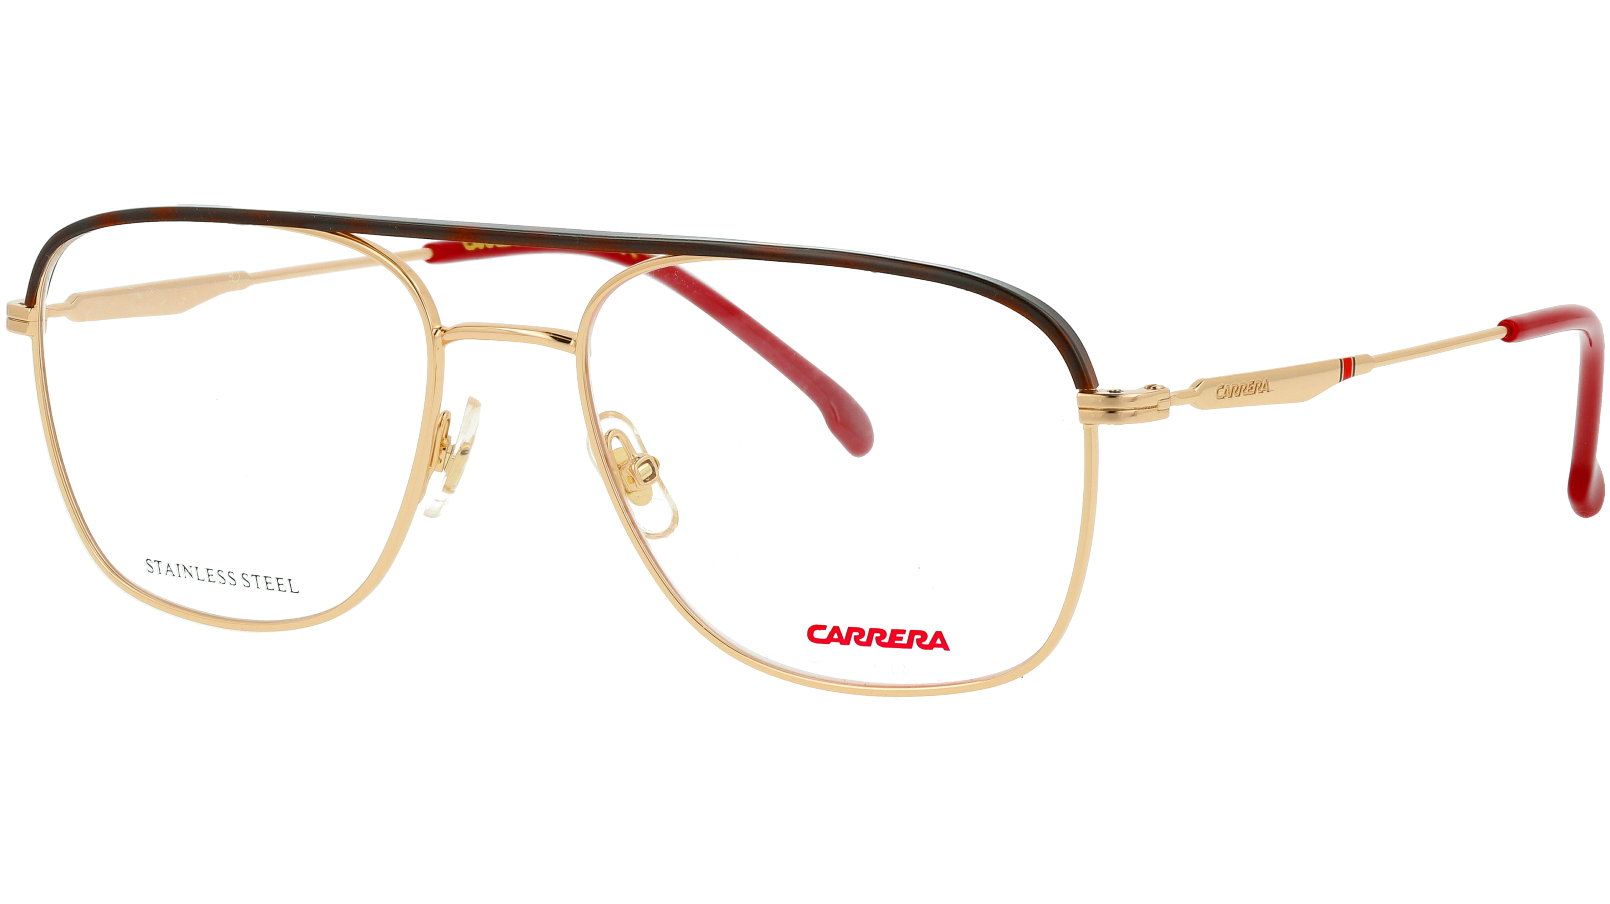 Carrera 211 AU2 54 Red Glasses